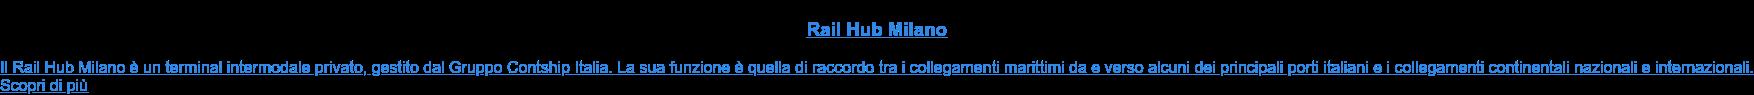 Rail Hub Milano  Il Rail Hub Milano è un terminal intermodale privato, gestito dal Gruppo  Contship Italia. La sua funzione è quella di raccordo tra i collegamenti  marittimi da e verso alcuni dei principali porti italiani e i collegamenti  continentali nazionali e internazionali. Scopri di più